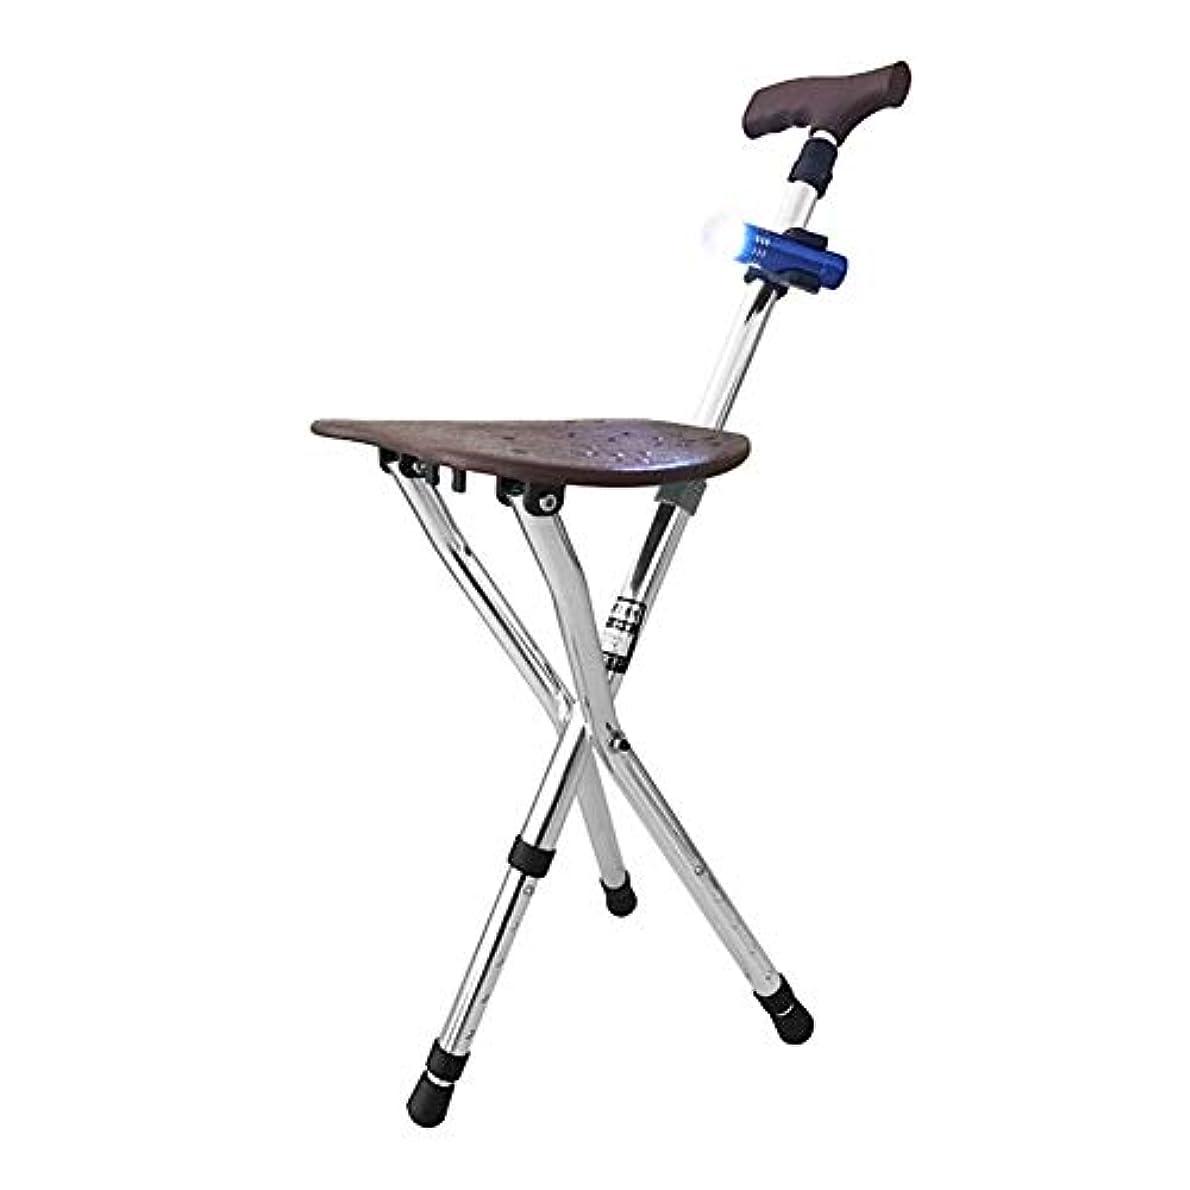 ミシン目ガソリン憧れデザインステッキ アルミ三脚チェア キャンプ用品 椅子 広げれば椅子に 畳めば頑丈な3本脚のステッキに 折り畳み式 杖が に大変身 小さくたためる 歩く時は杖として 疲れたら